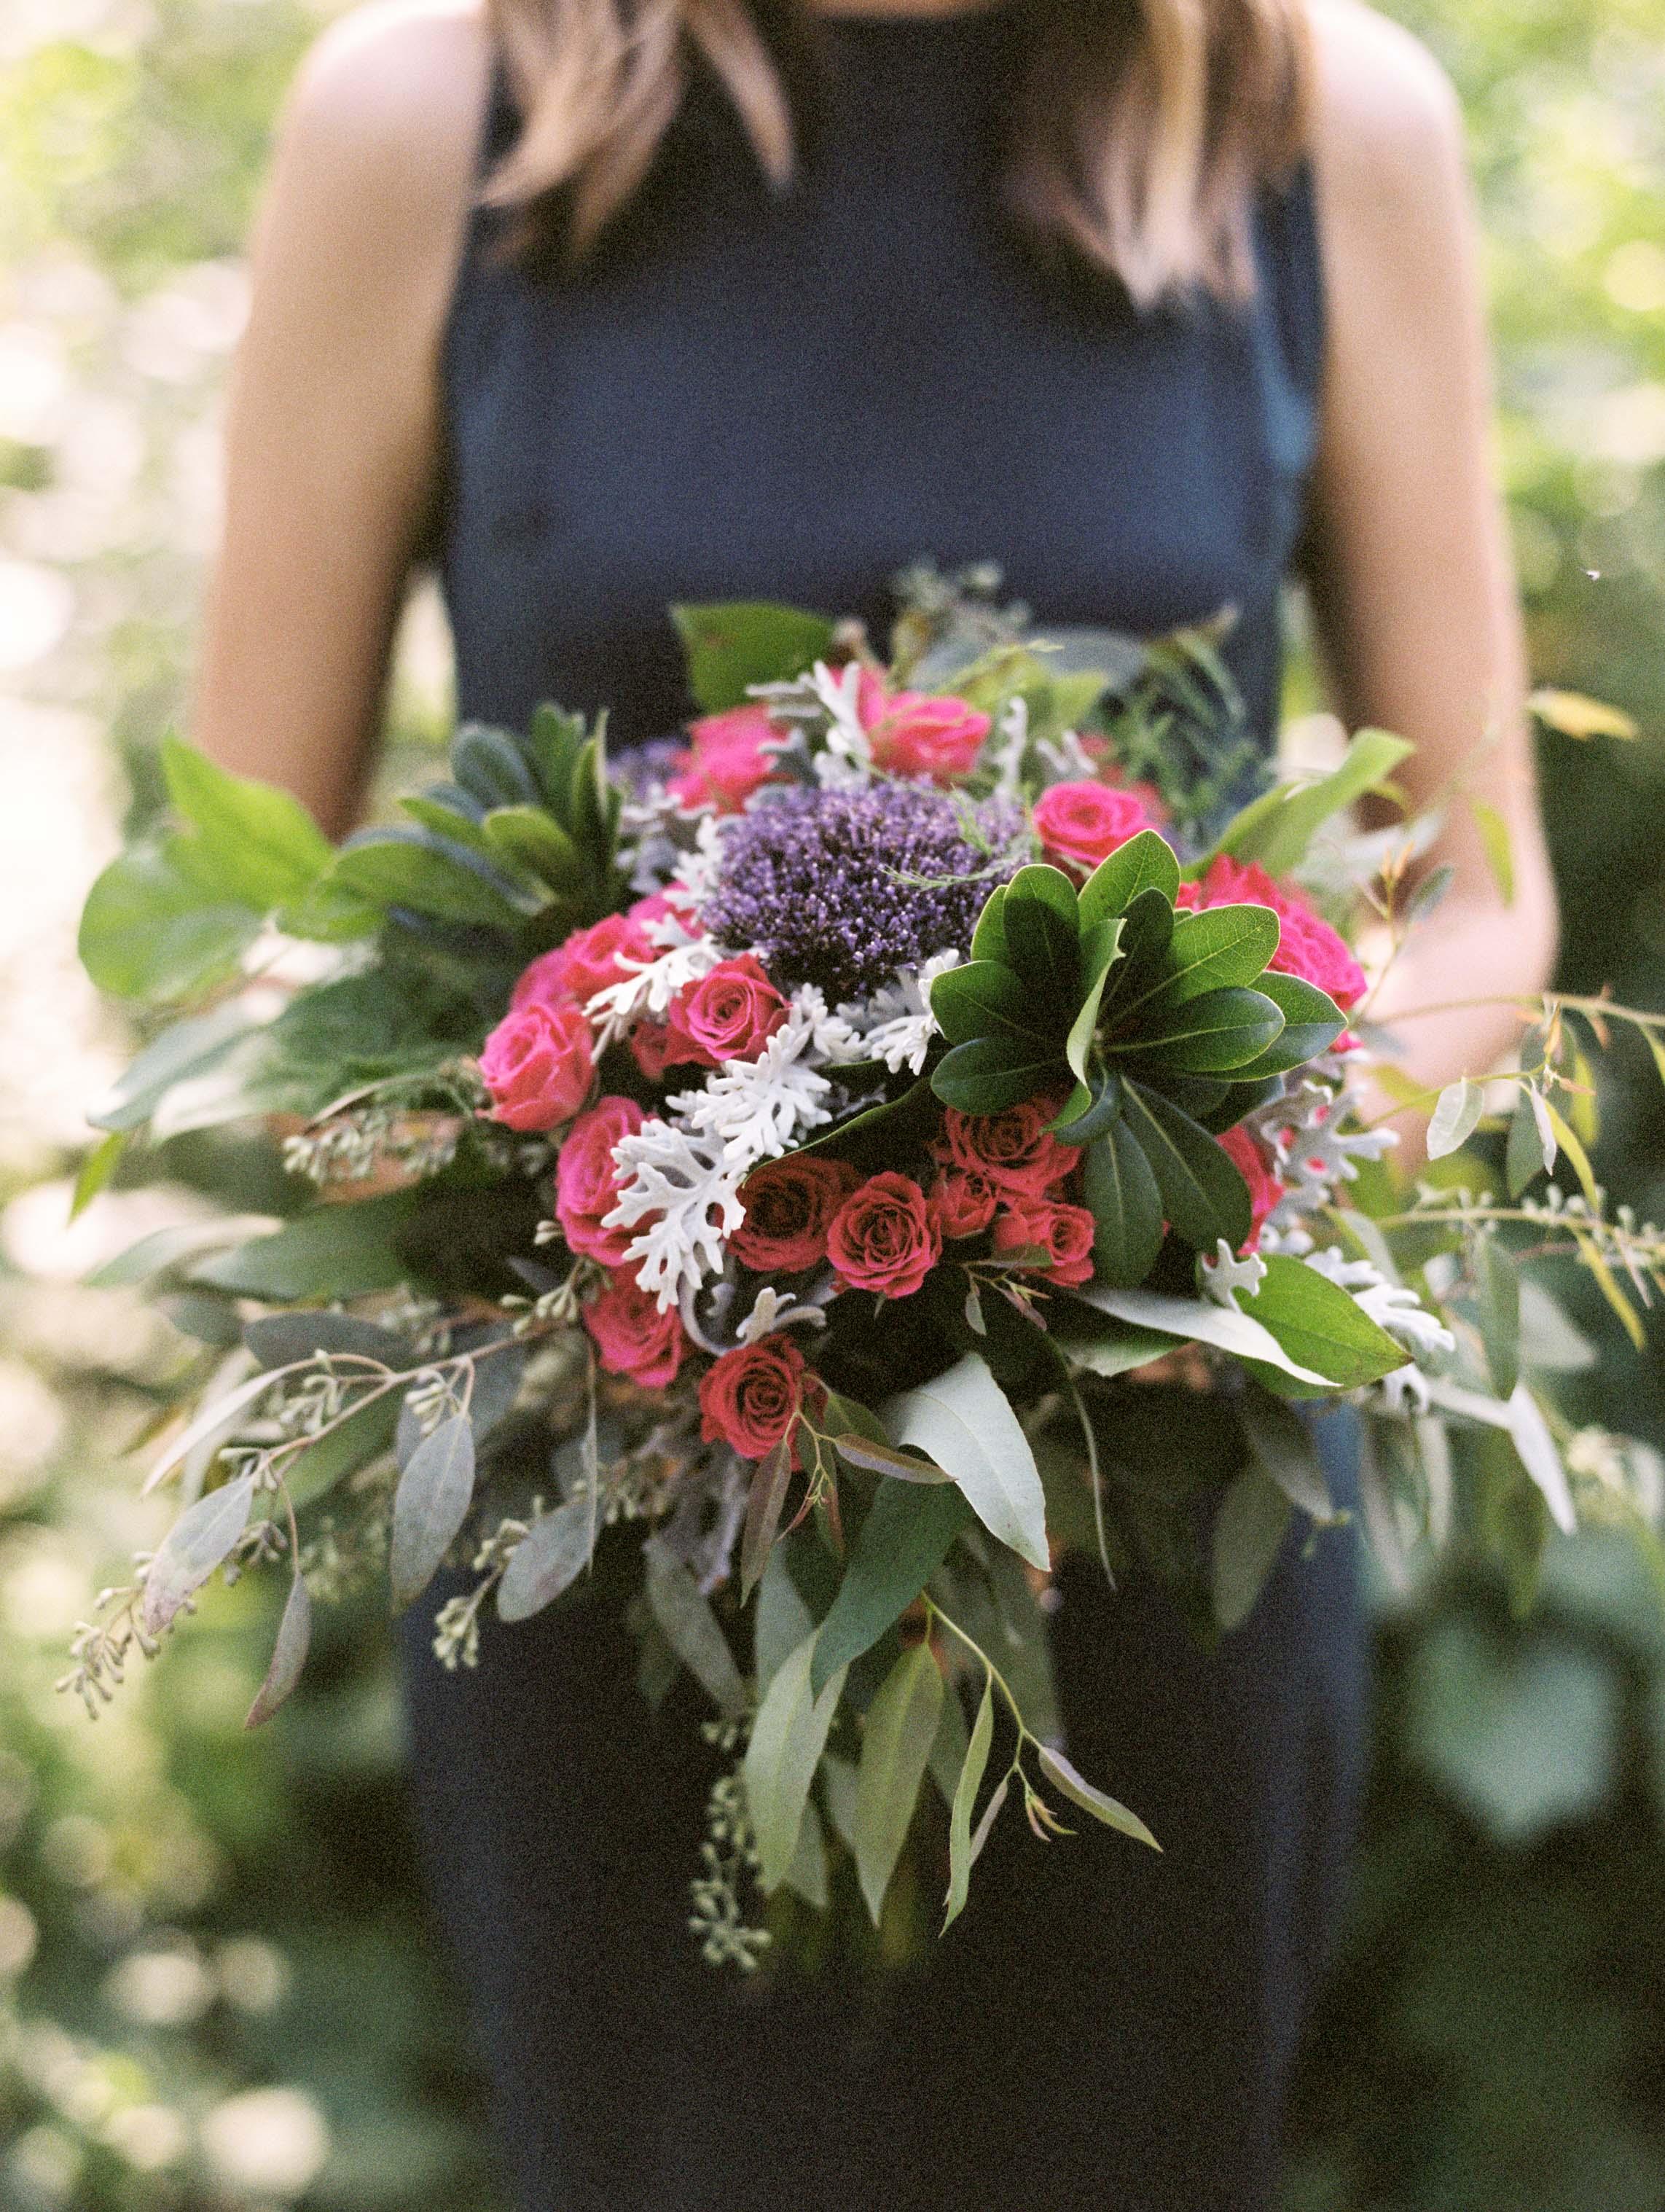 kateweinsteinphoto_clairewillie_wedding-333.jpg